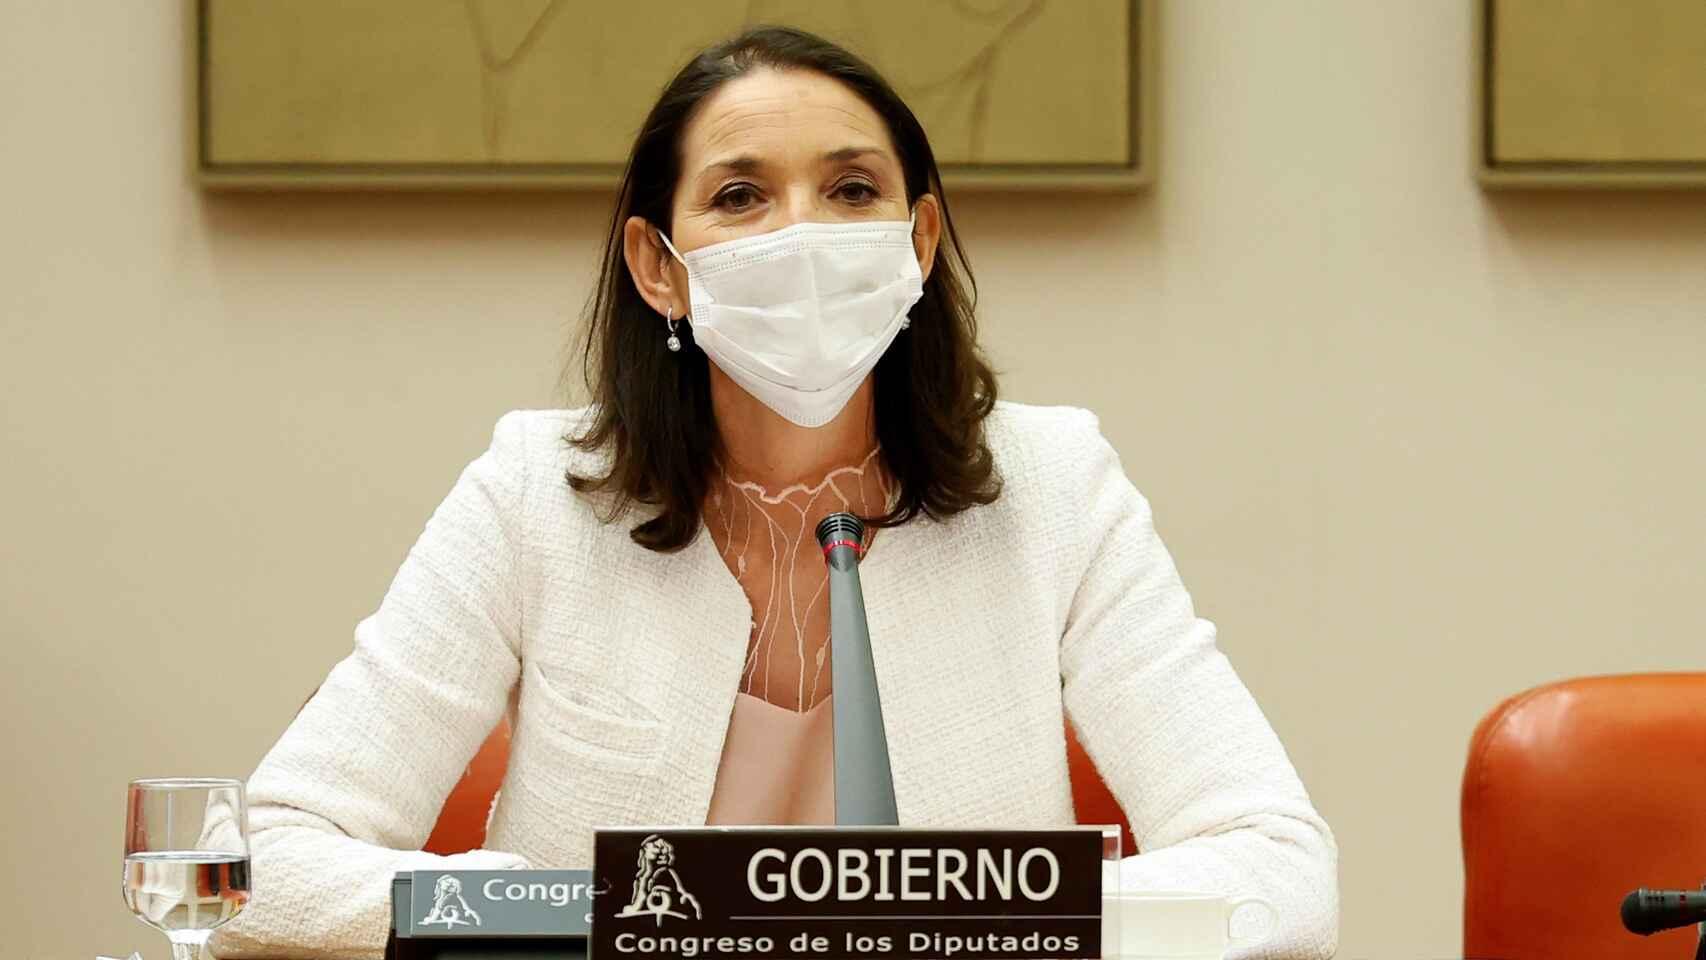 La ministra Reyes Maroto, durante una intervención.